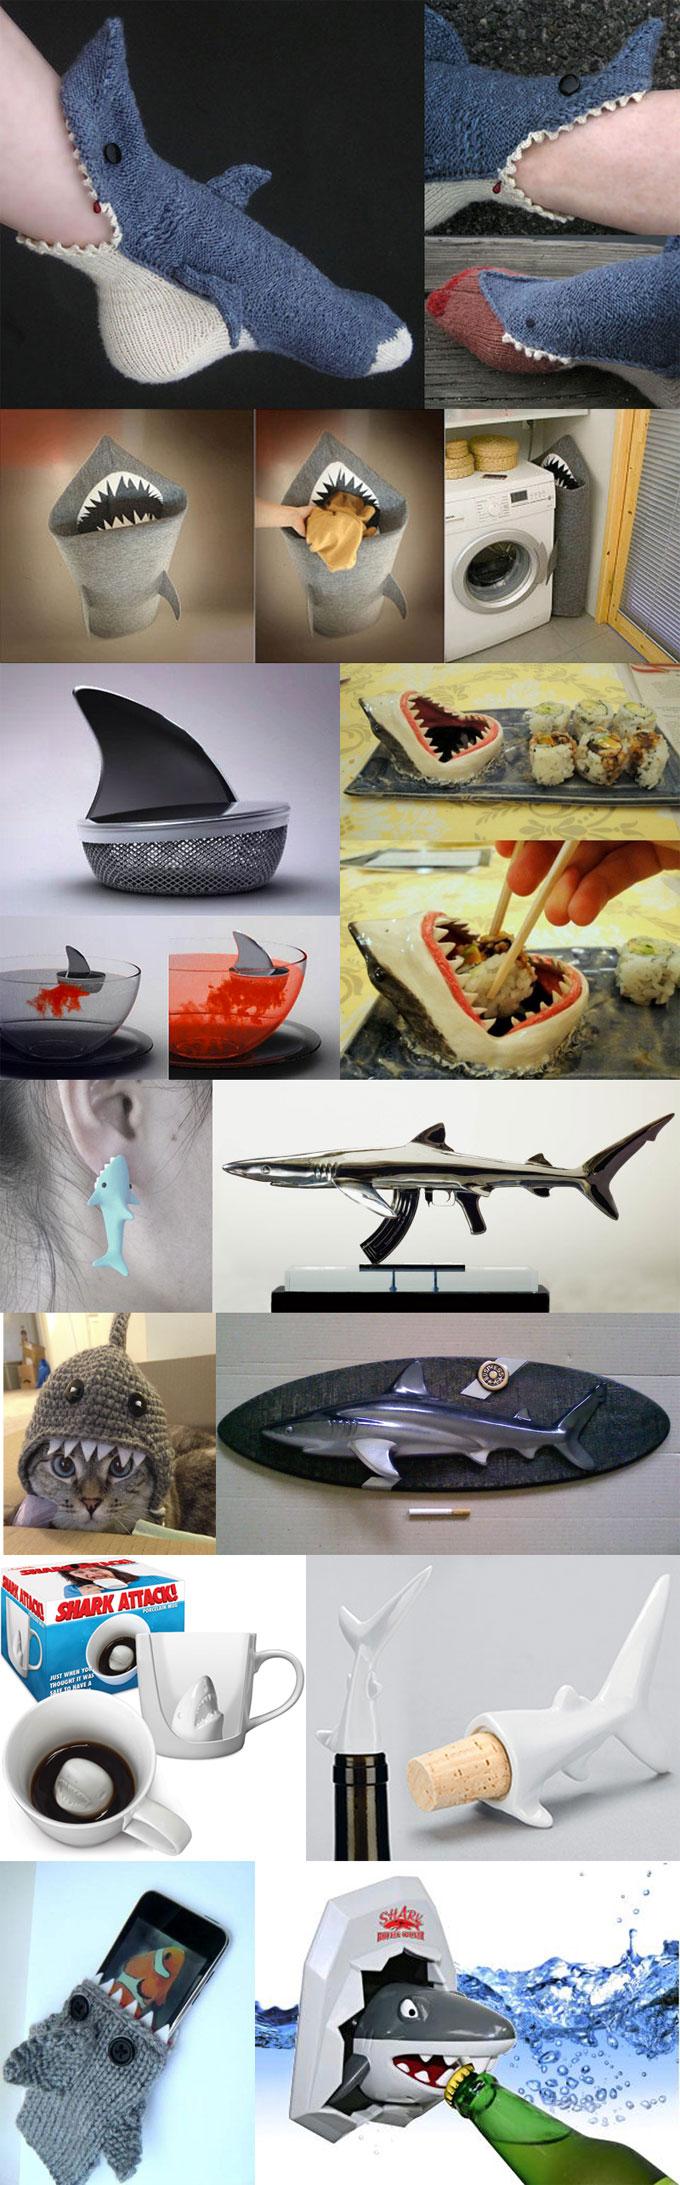 Фотографии прикольных и креативных вещей в виде акул